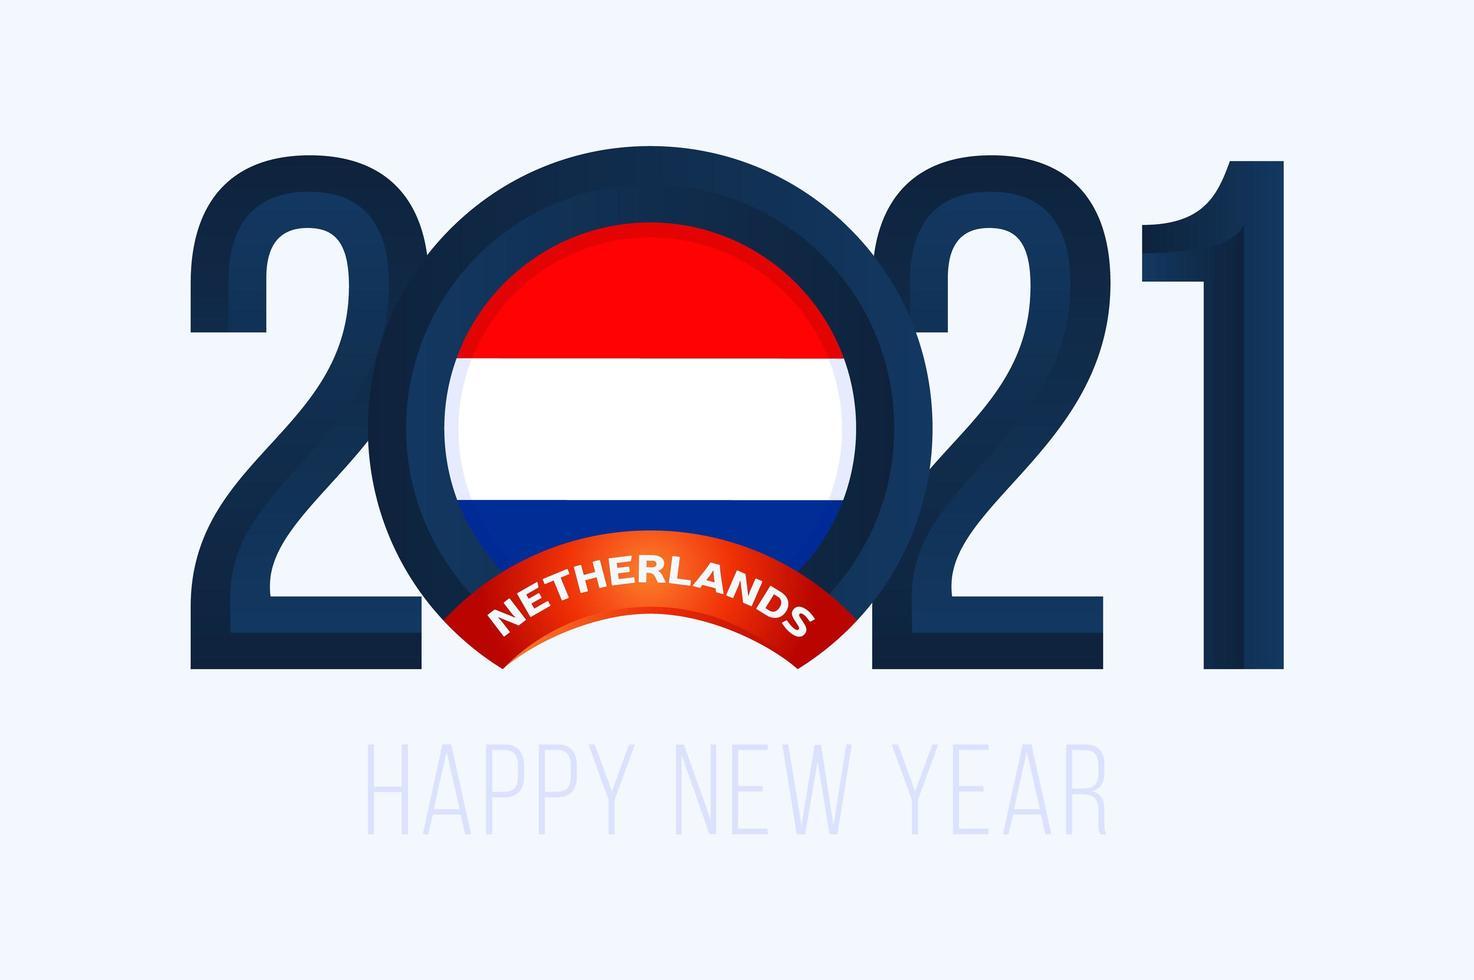 Neujahr 2021 Typografie mit niederländischer Flagge vektor